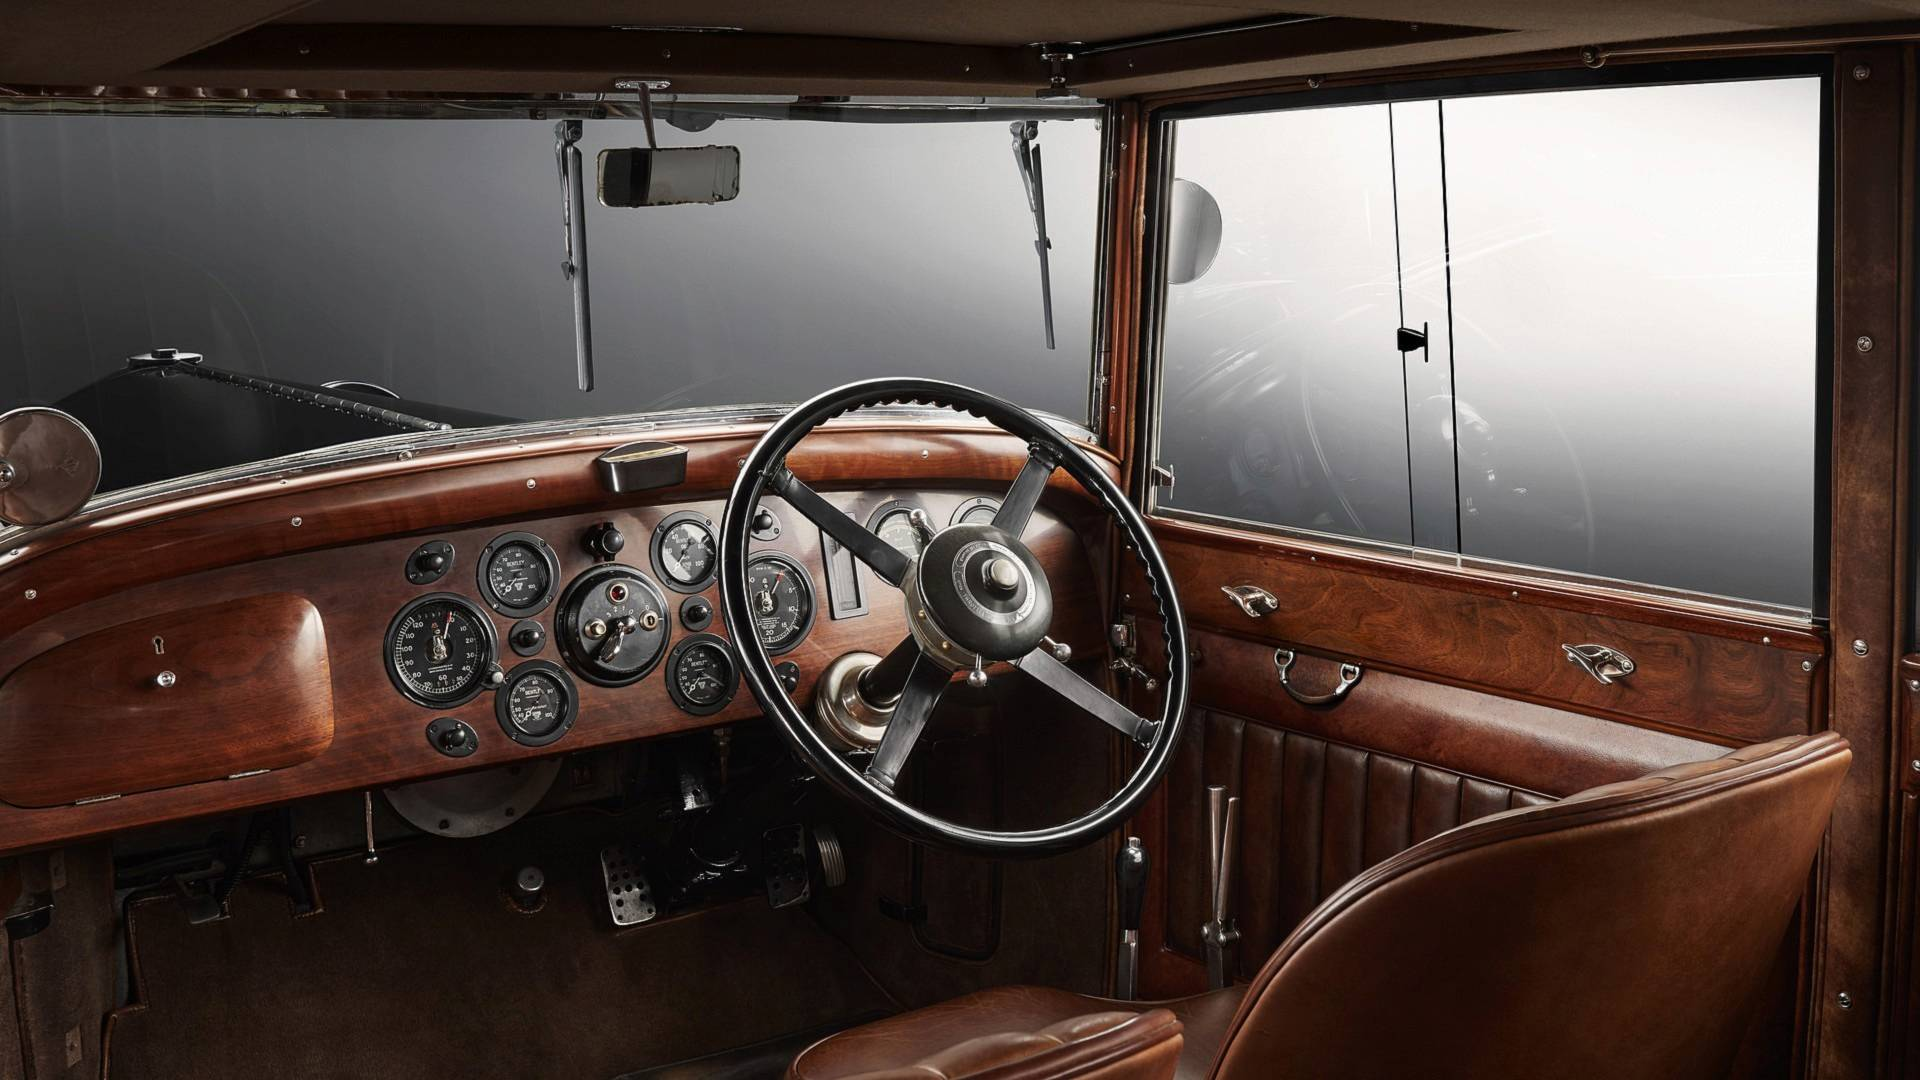 bentley-8-litre-interior.jpg